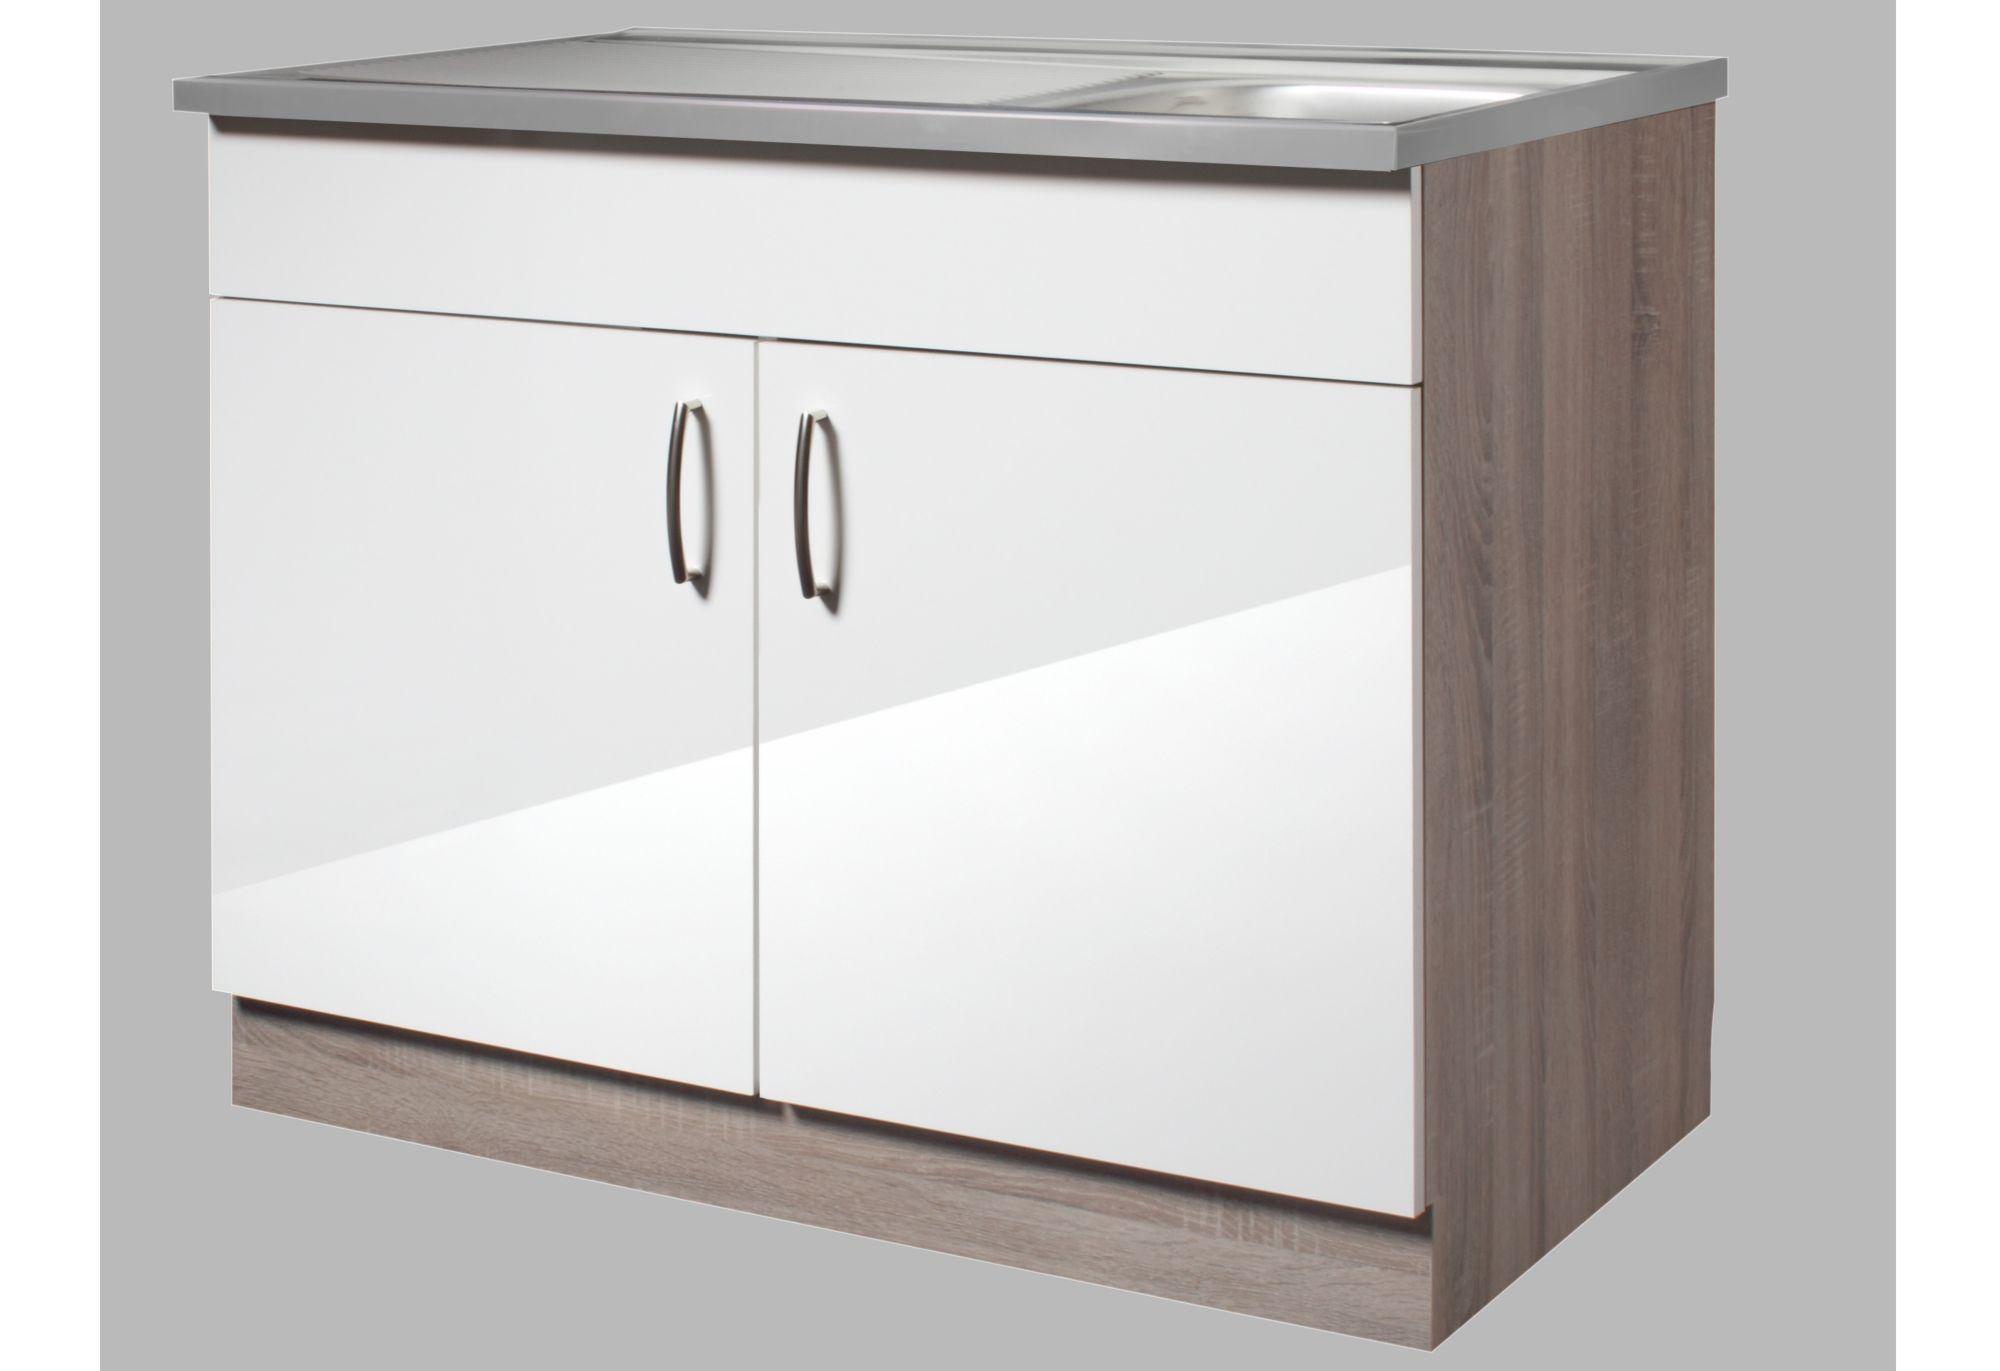 sp lenschrank porto breite 100 cm schwab versand sp lenschr nke. Black Bedroom Furniture Sets. Home Design Ideas